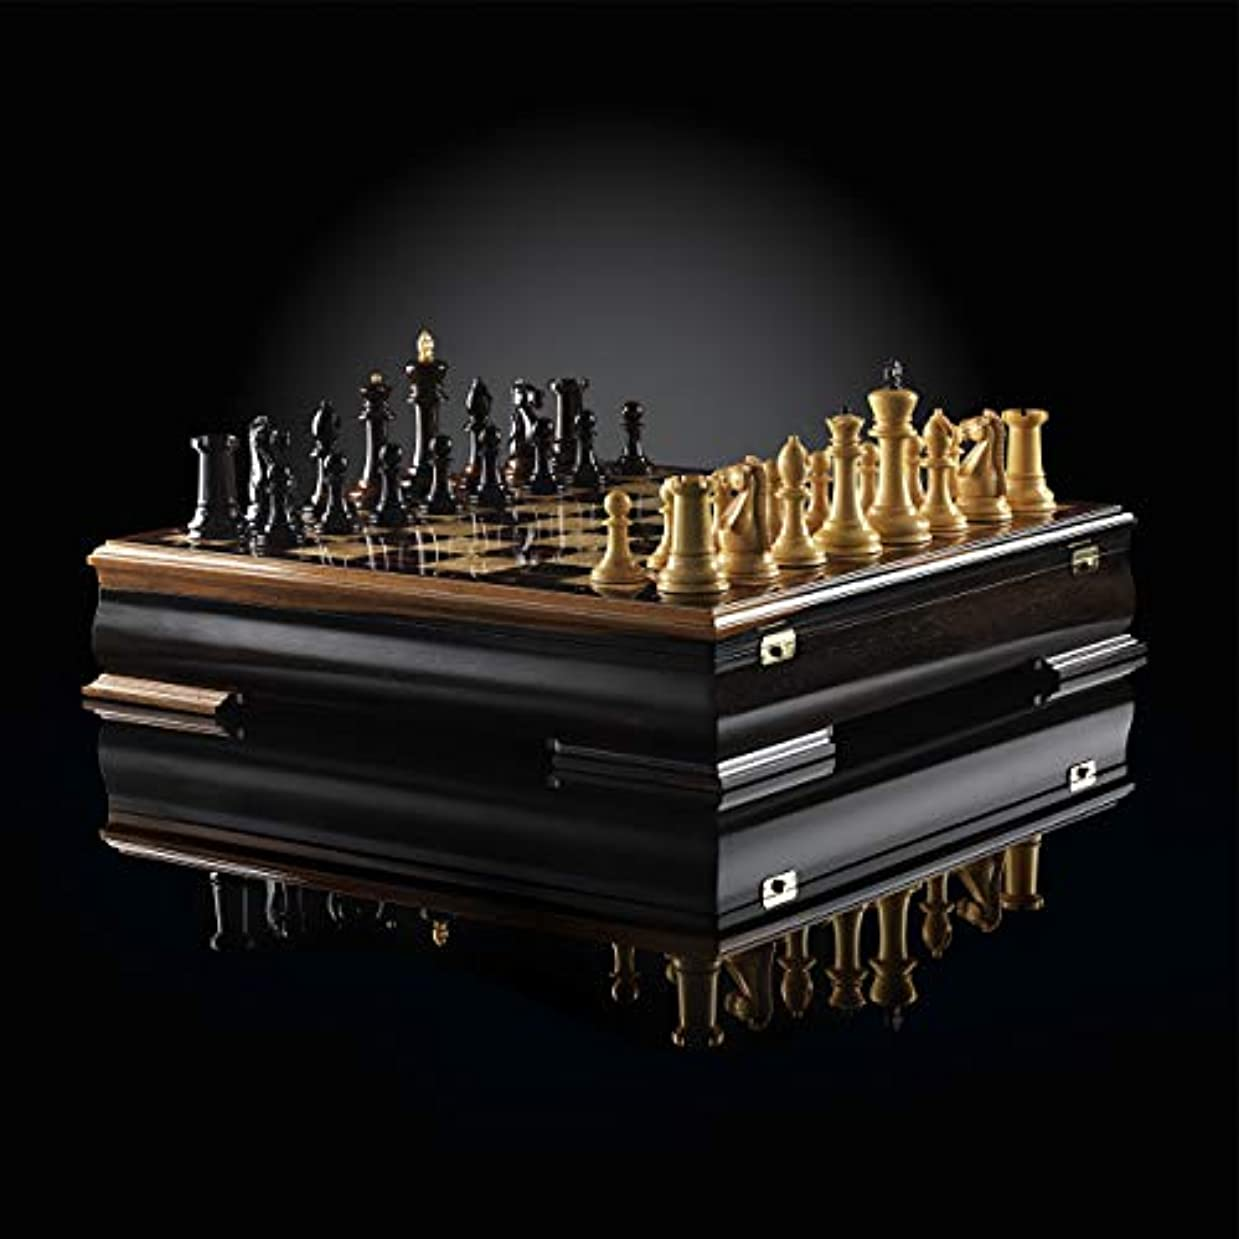 ハンドメイド チェス スタントン ラグジュアリー (マカサー / ボックスウッド) 限定版 ボードゲーム - エリートウッド